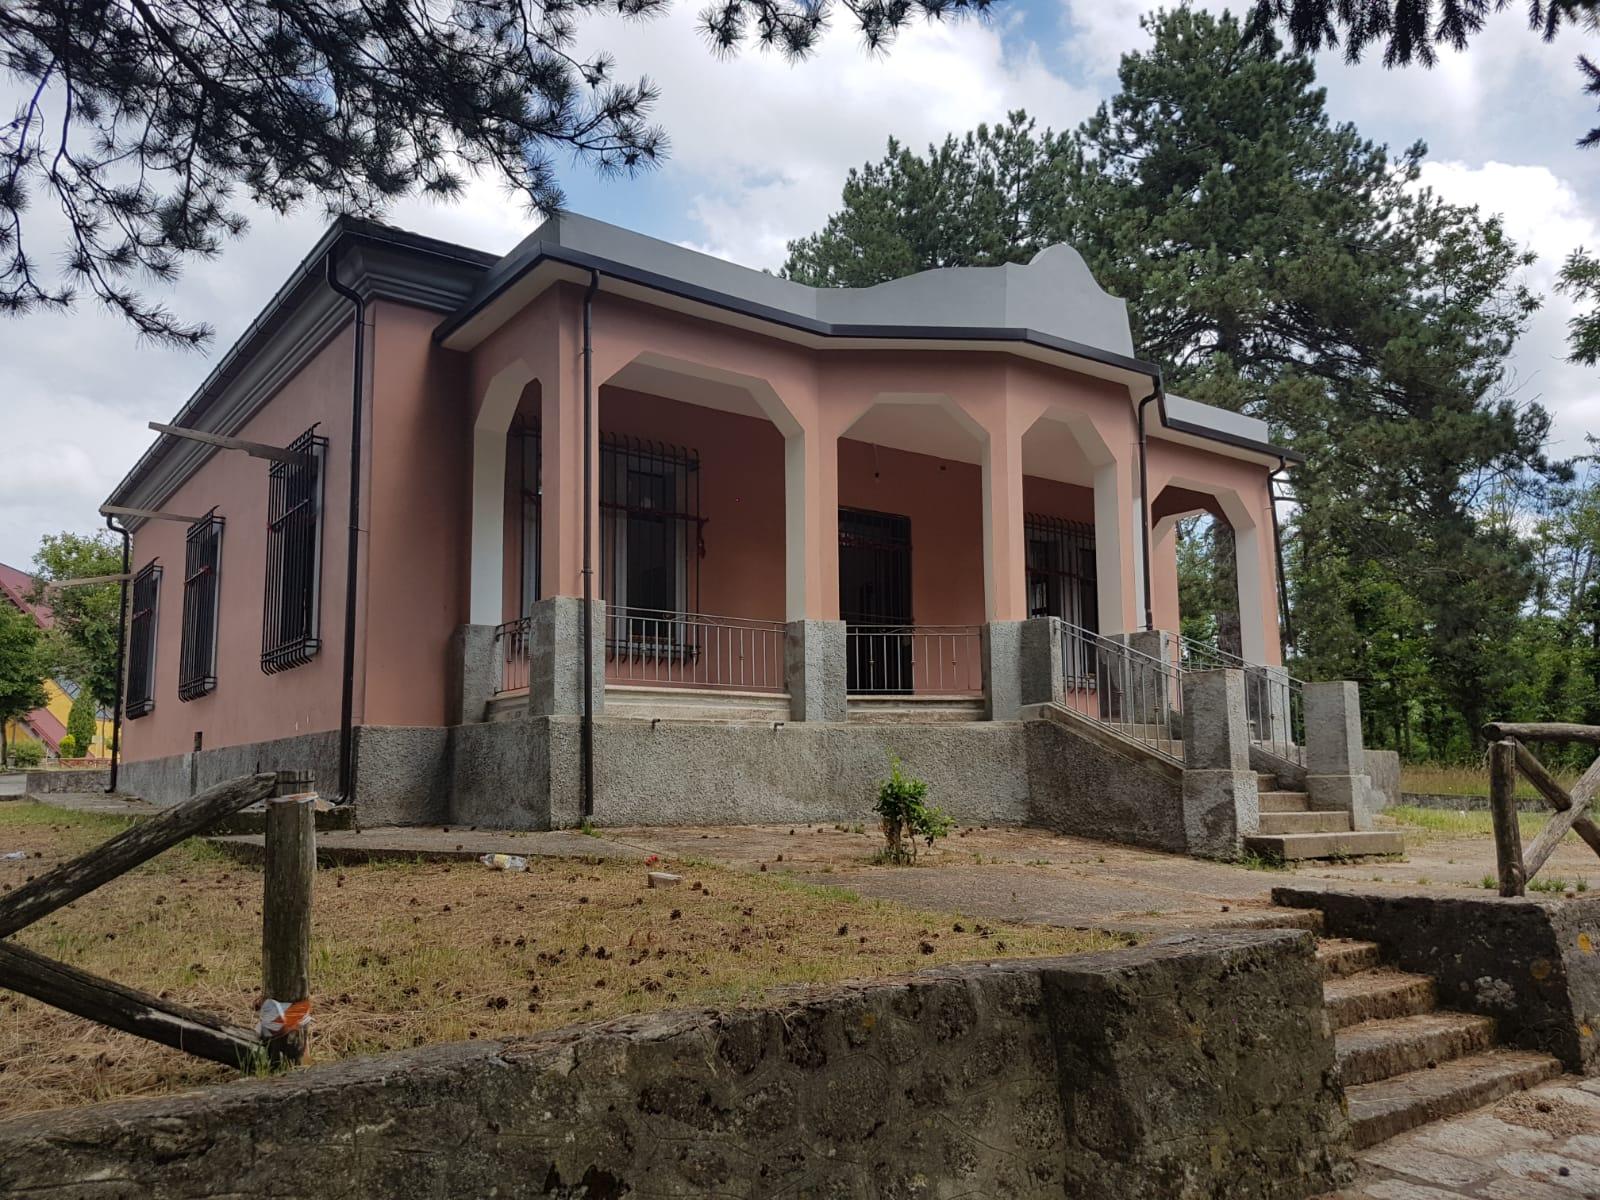 Vandalismo a Sorianello, danneggiato immobile comunaleIgnoti hanno devastato la villa nel bosco di Fago Savini